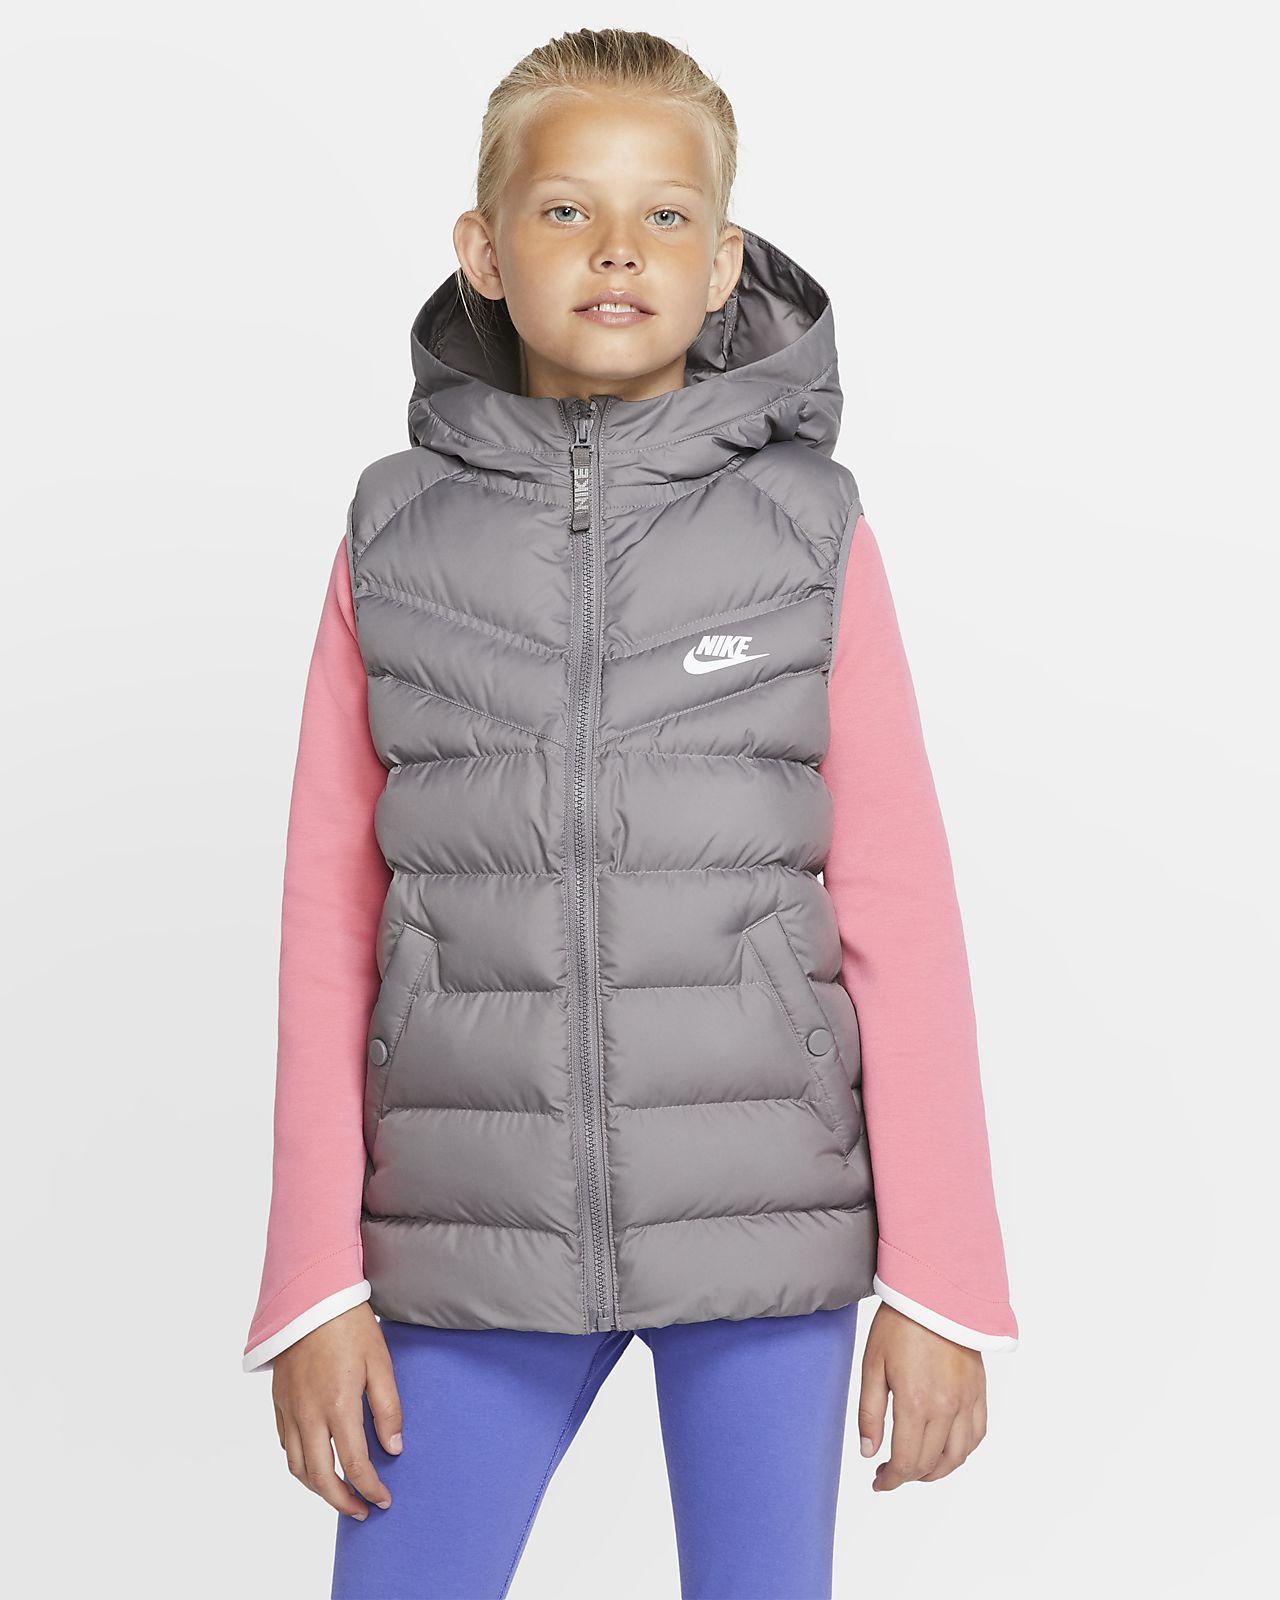 Chaleco con relleno sintético para niños talla grande Nike Sportswear